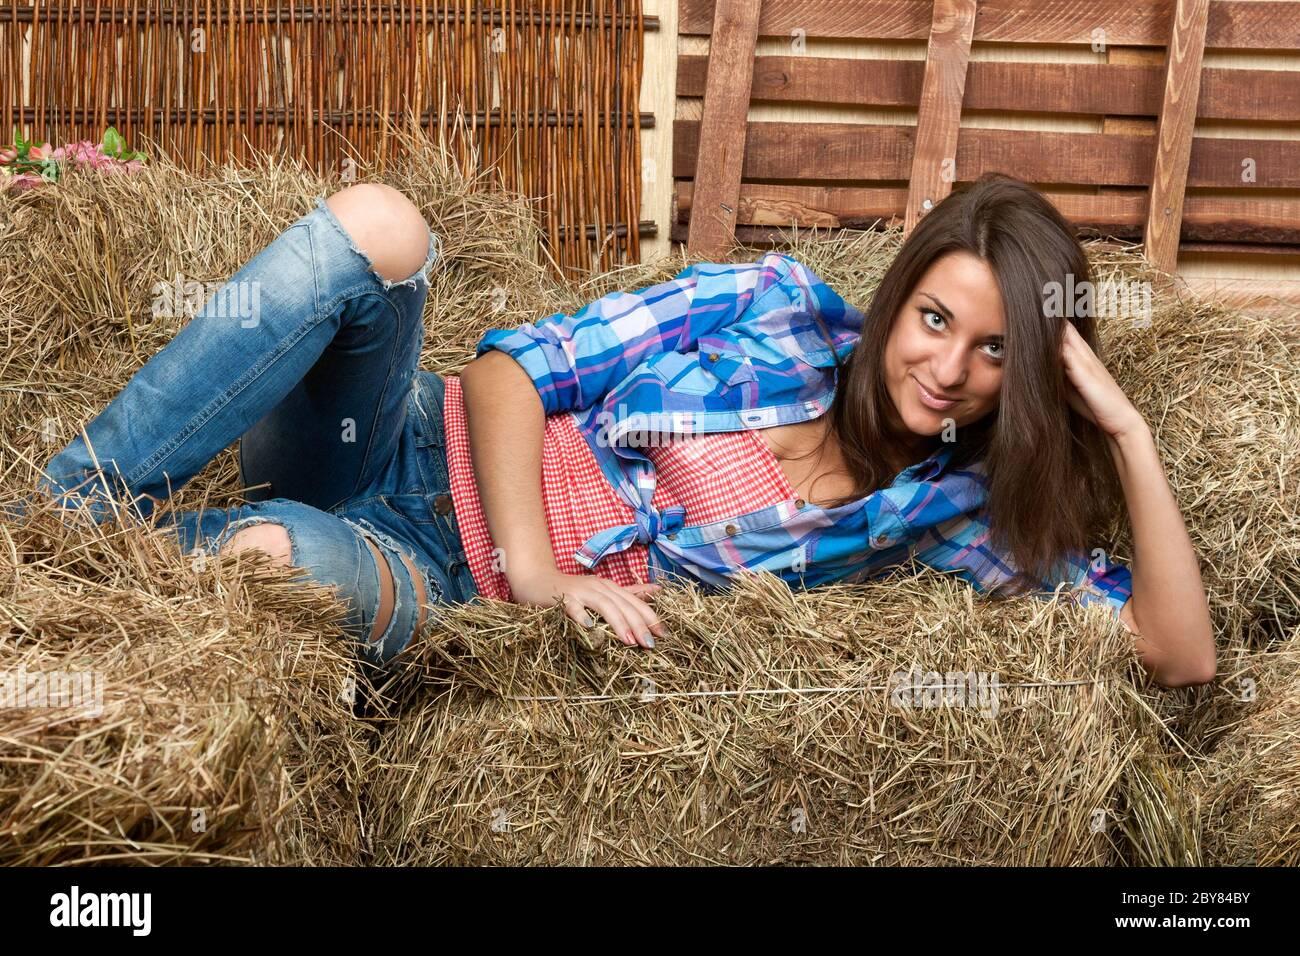 La belle fille se trouve sur une botte de foin Banque D'Images